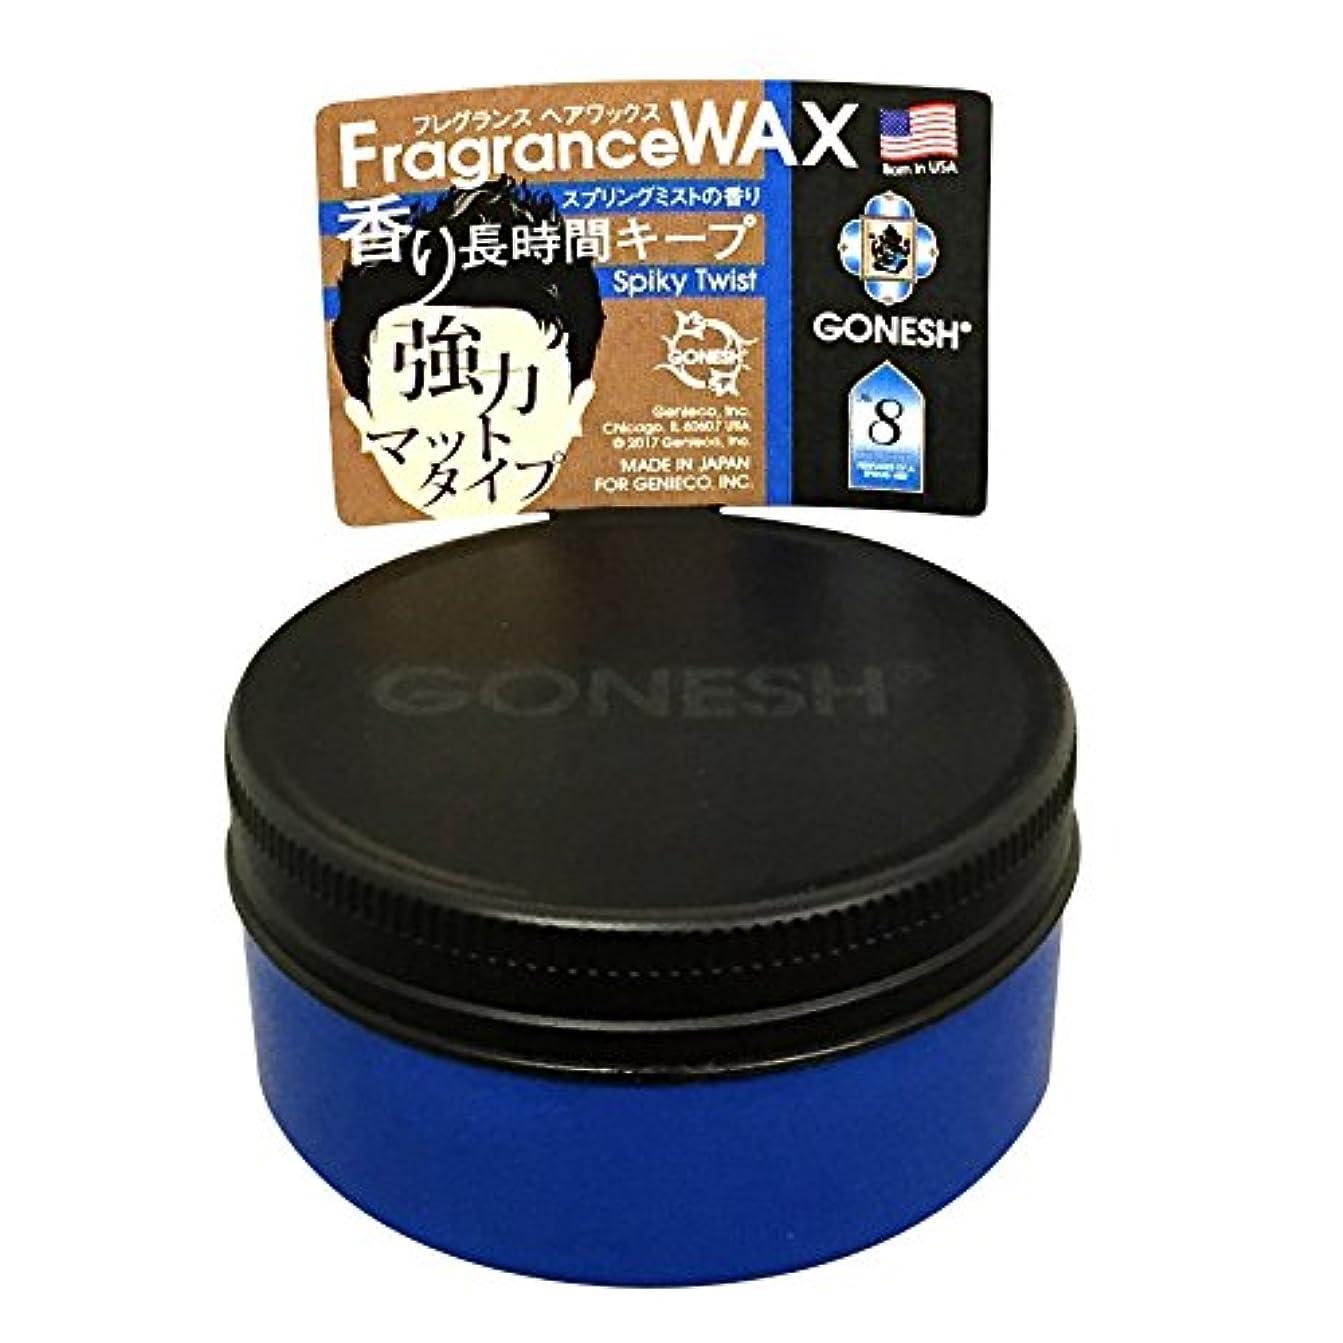 気を散らすクール患者GONESH フレグランスヘアワックス(スタイリング剤) NO.8 強力マットタイプ 60g